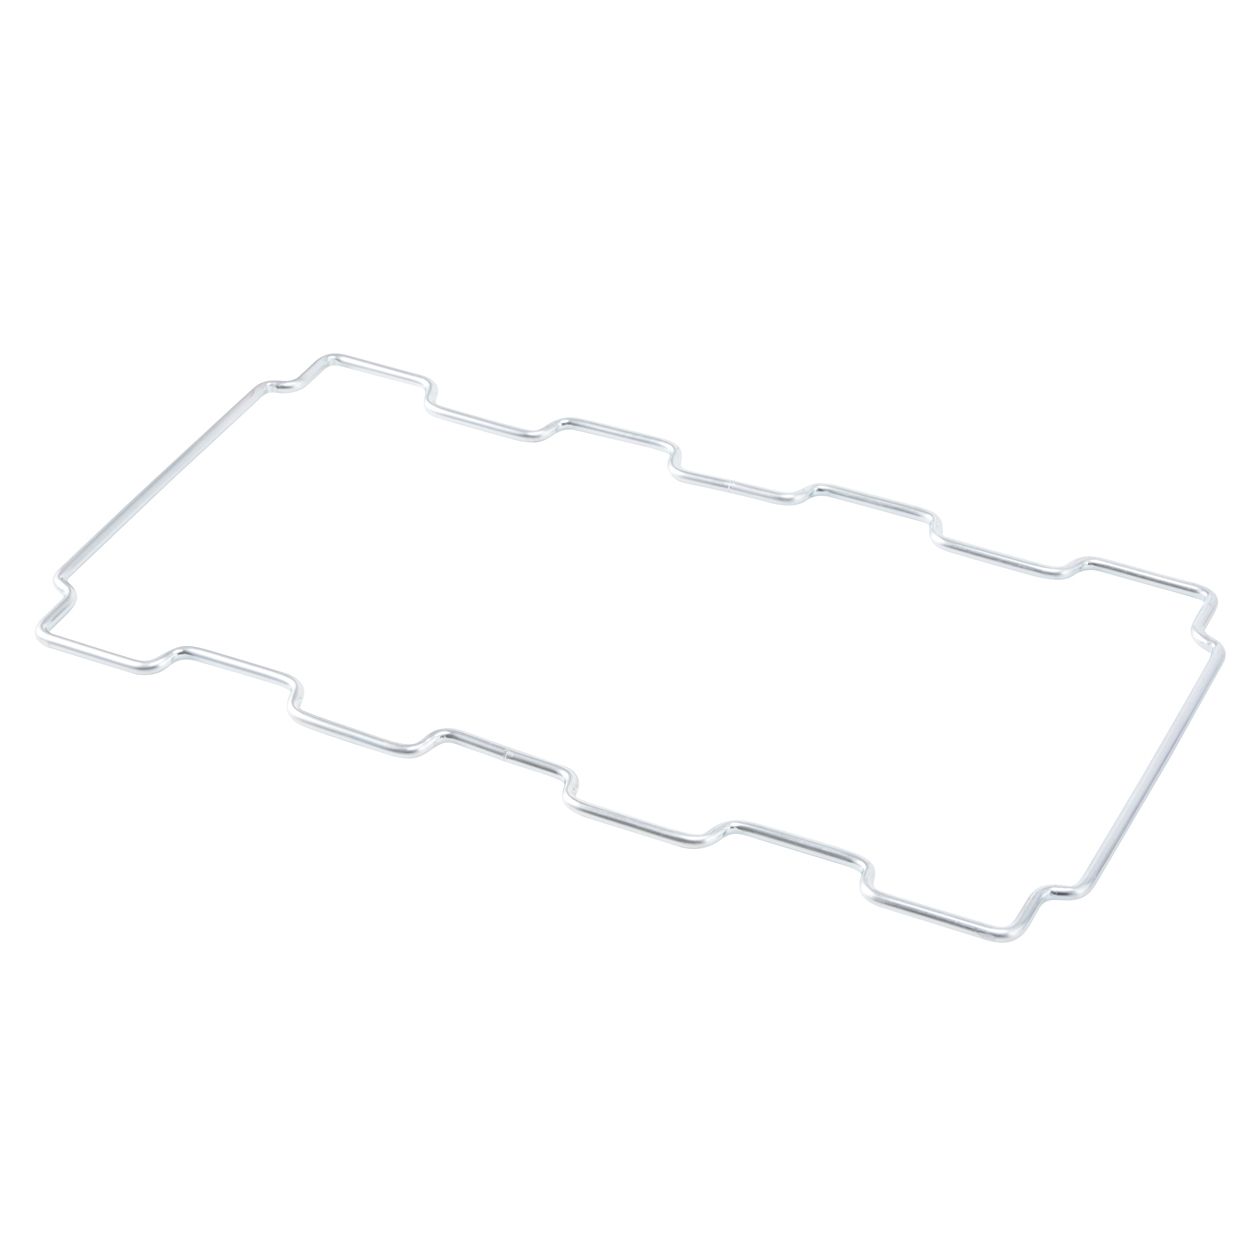 木製ごみ箱・袋止めワイヤー付 オーク材突板・角型 コンビニ受取可